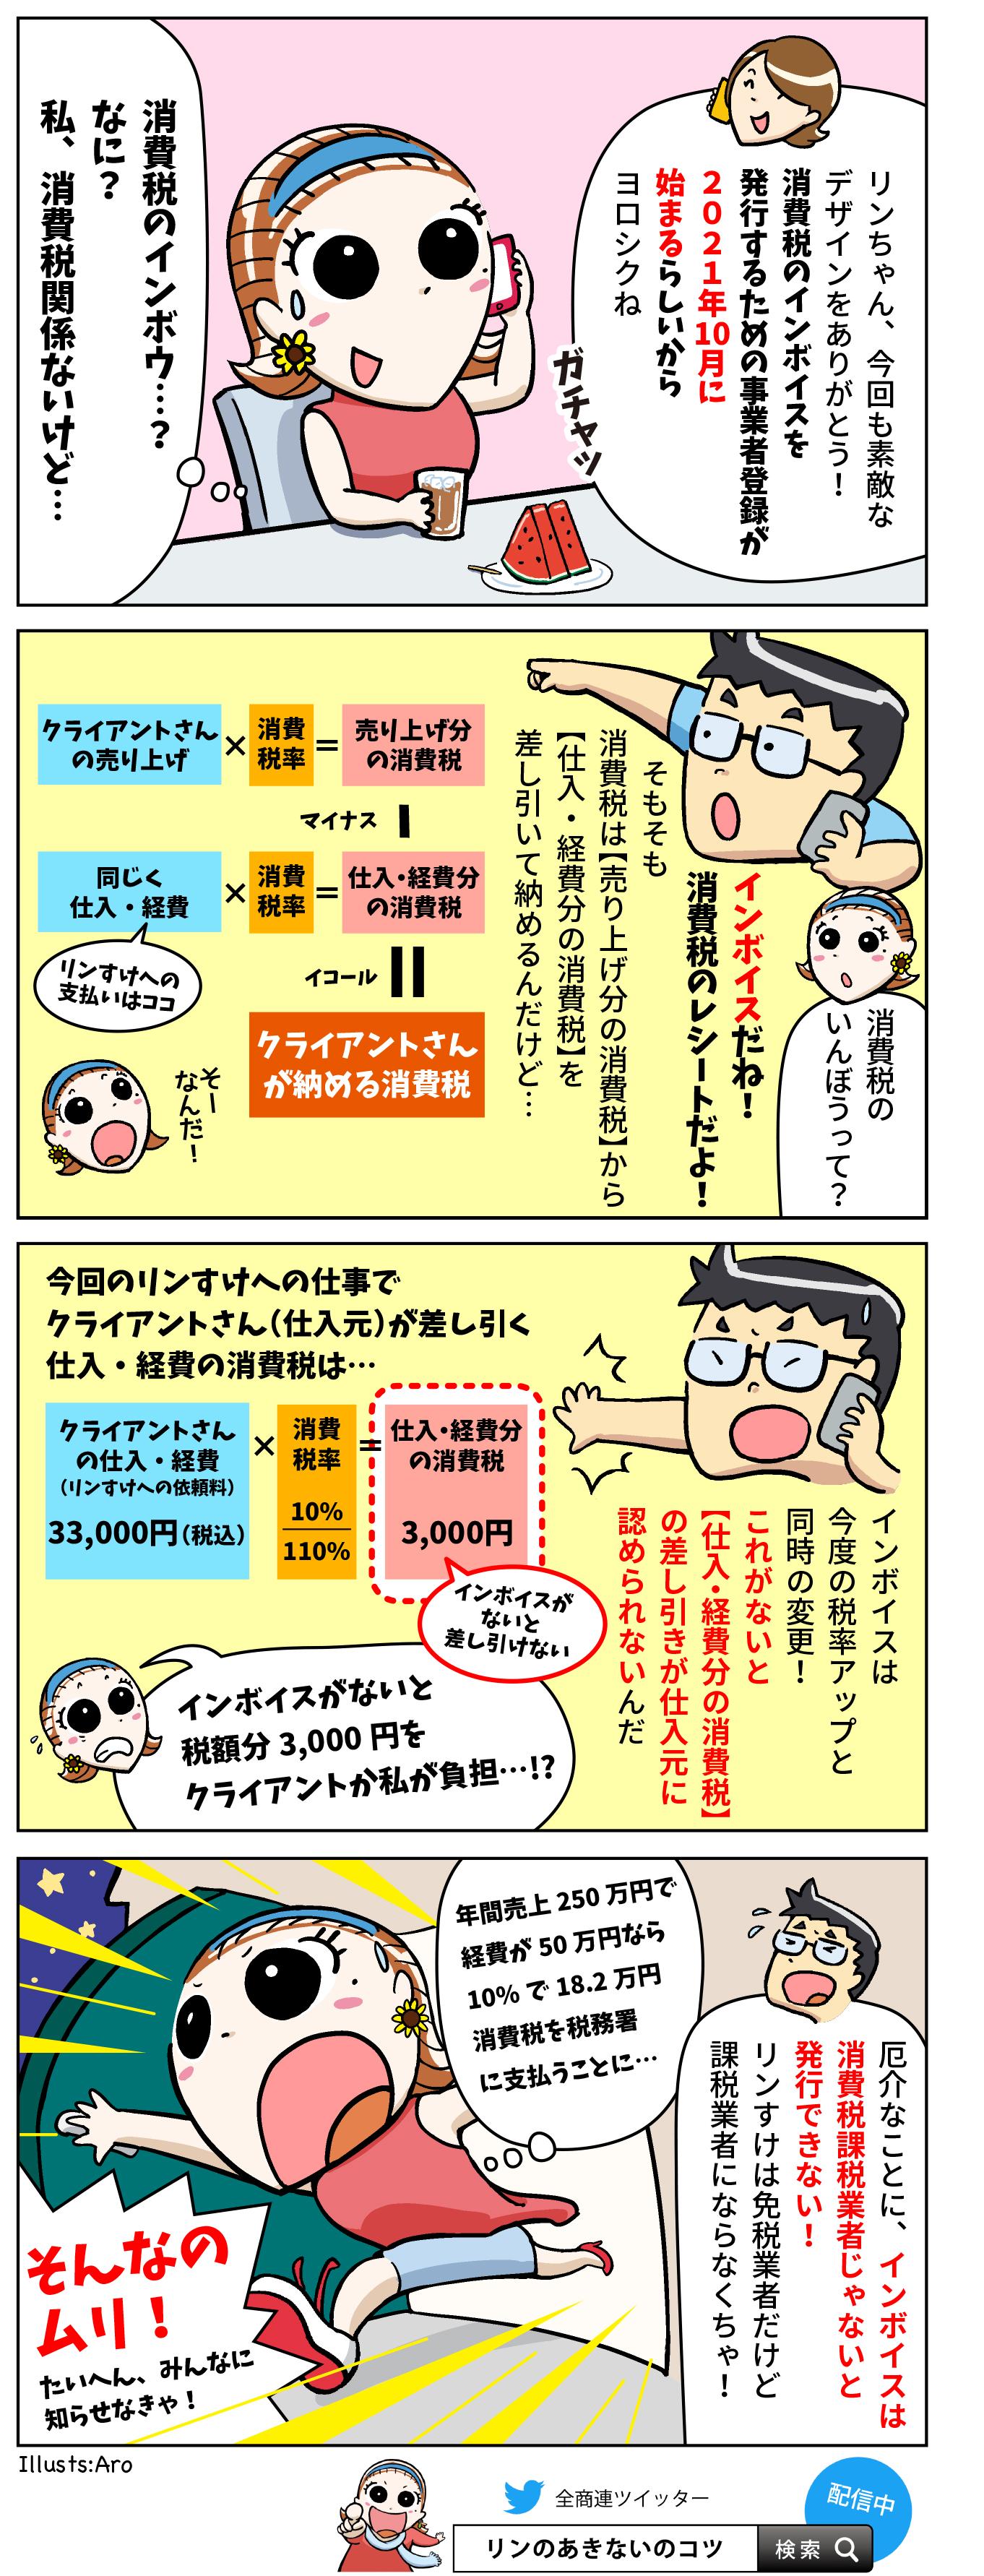 第18回「消費税インボイスで売上1千万円以下も課税に?」